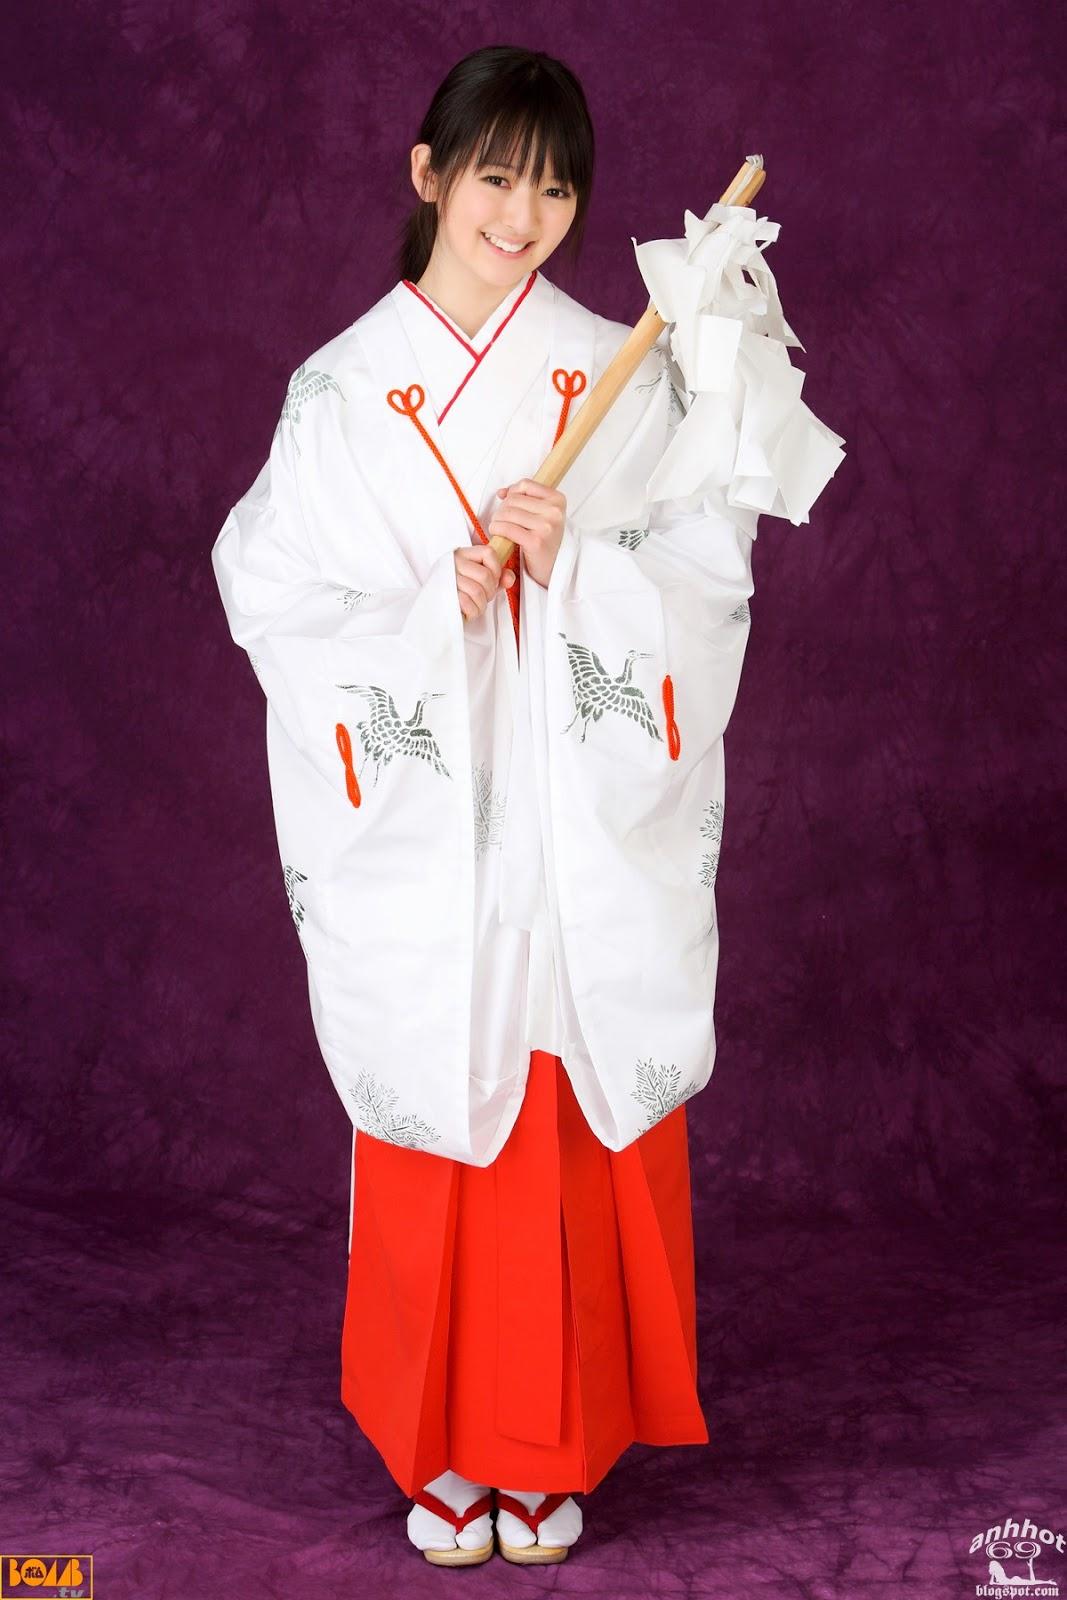 saki-takayama-01316337